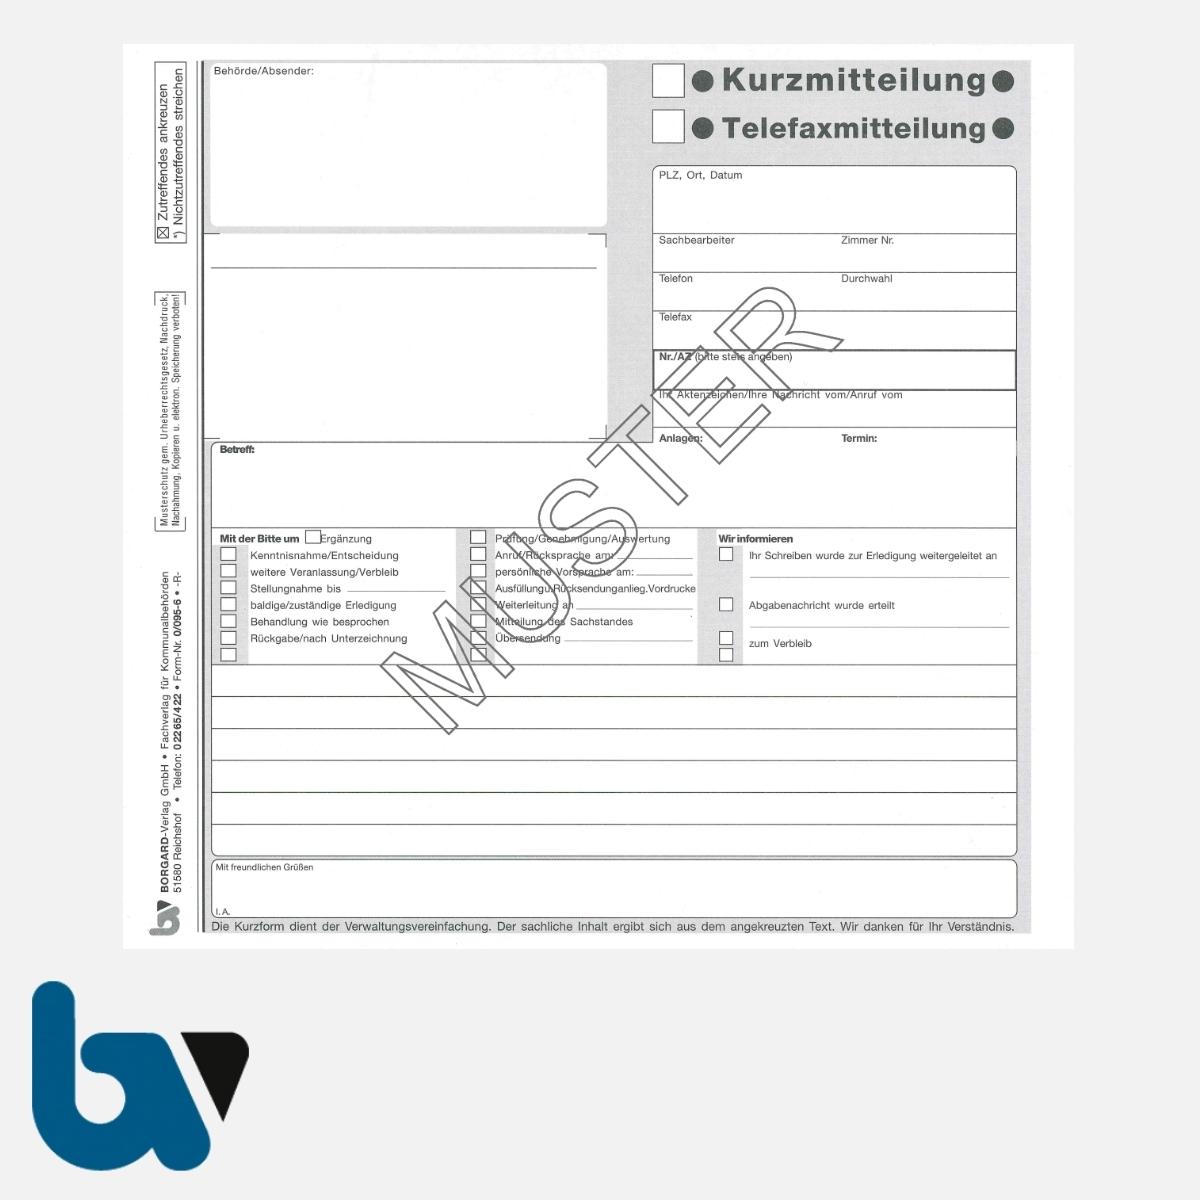 0/095-6 Kurzmitteilung Telefaxmitteilung selbstdurchschreibend Einschlagdeckel DIN 20 21 2-fach Seite 1 | Borgard Verlag GmbH